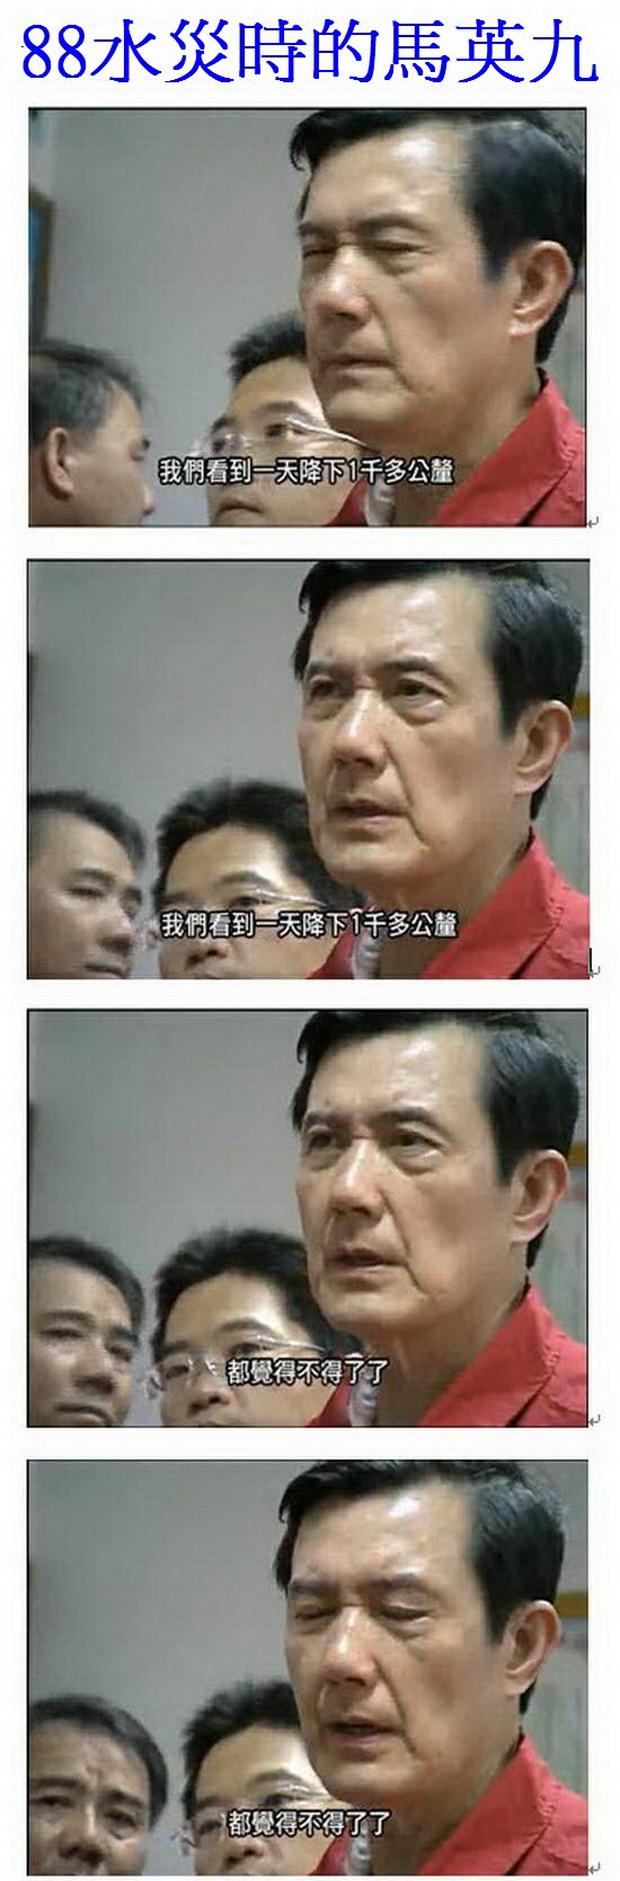 馬狗臉色有如死灰-01.jpg